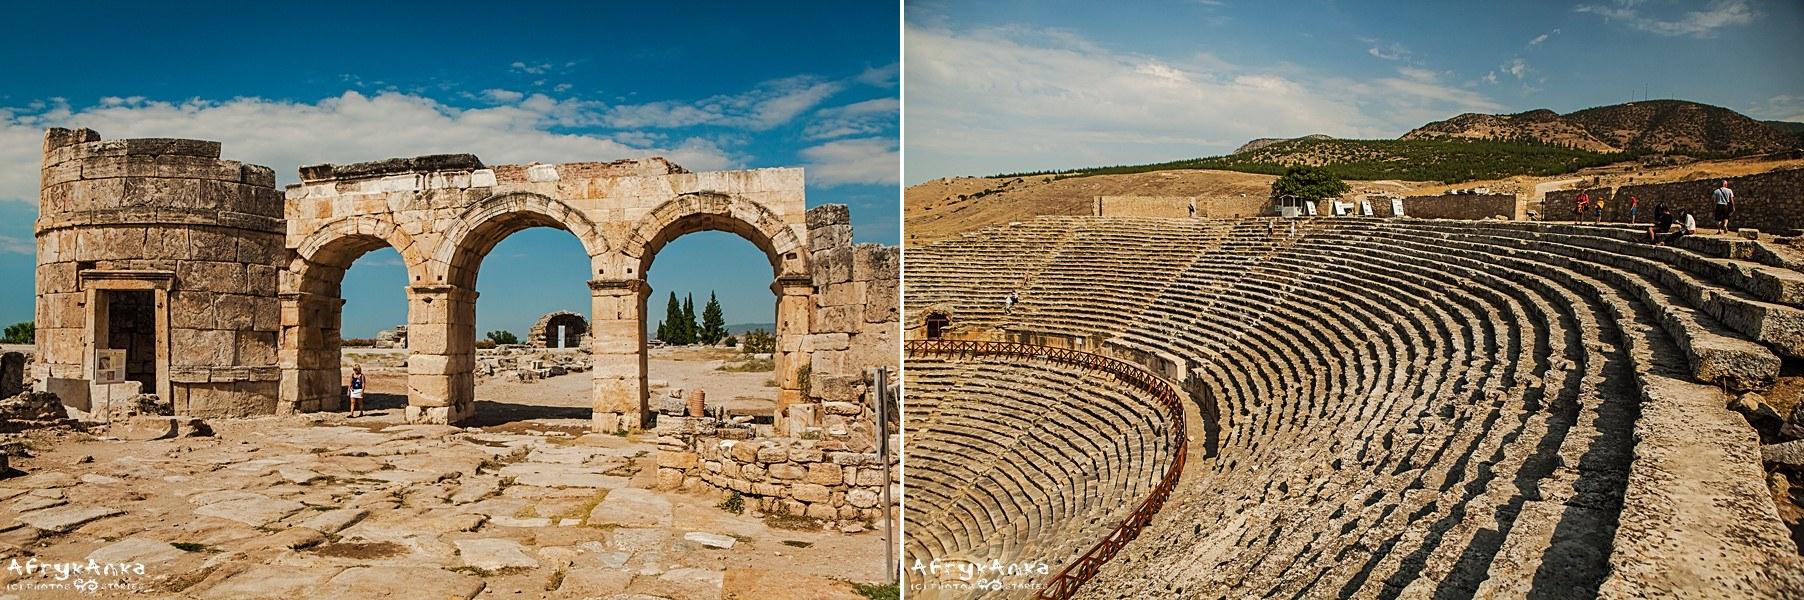 Hierapolis jest pełne zabytków.